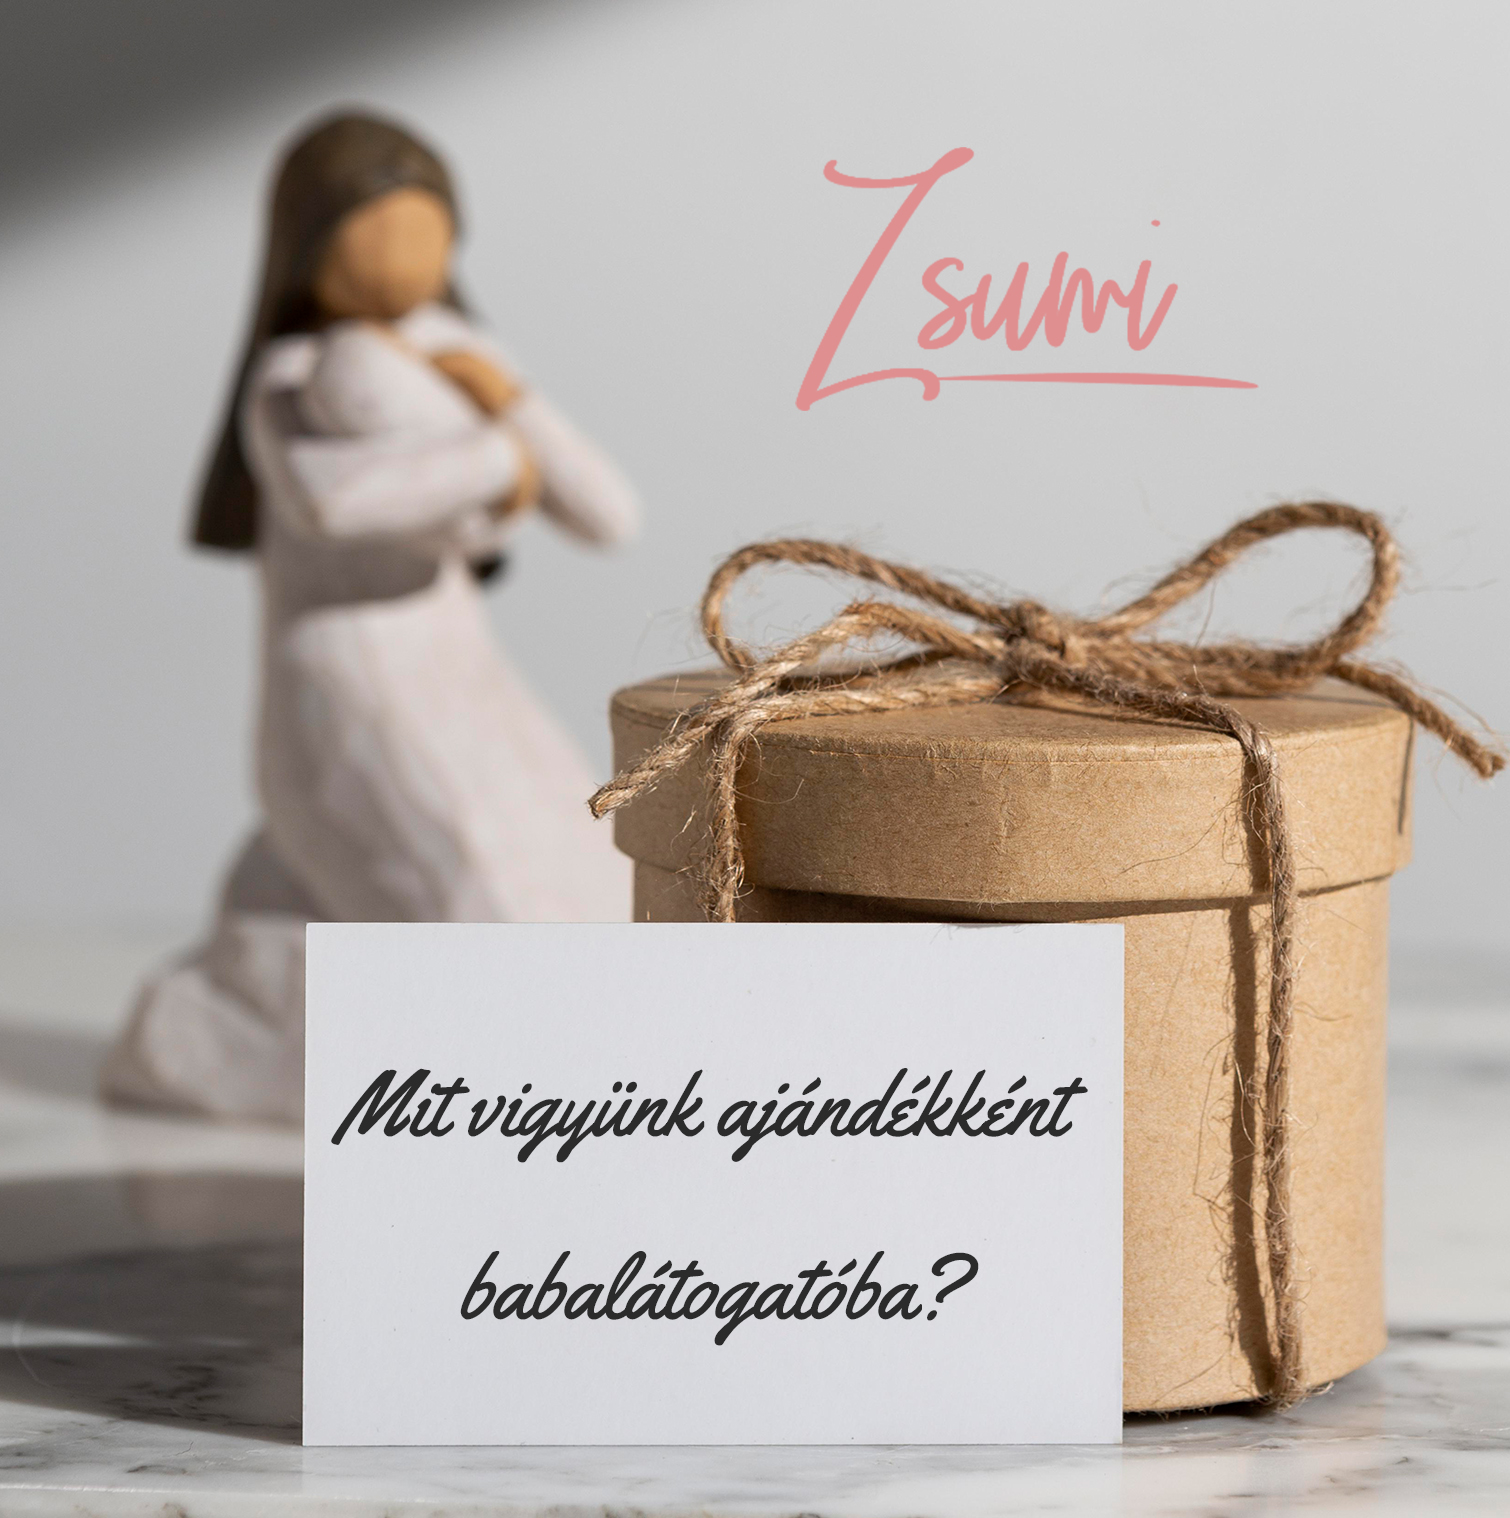 Mit vigyünk ajándékként babalátogatóba?